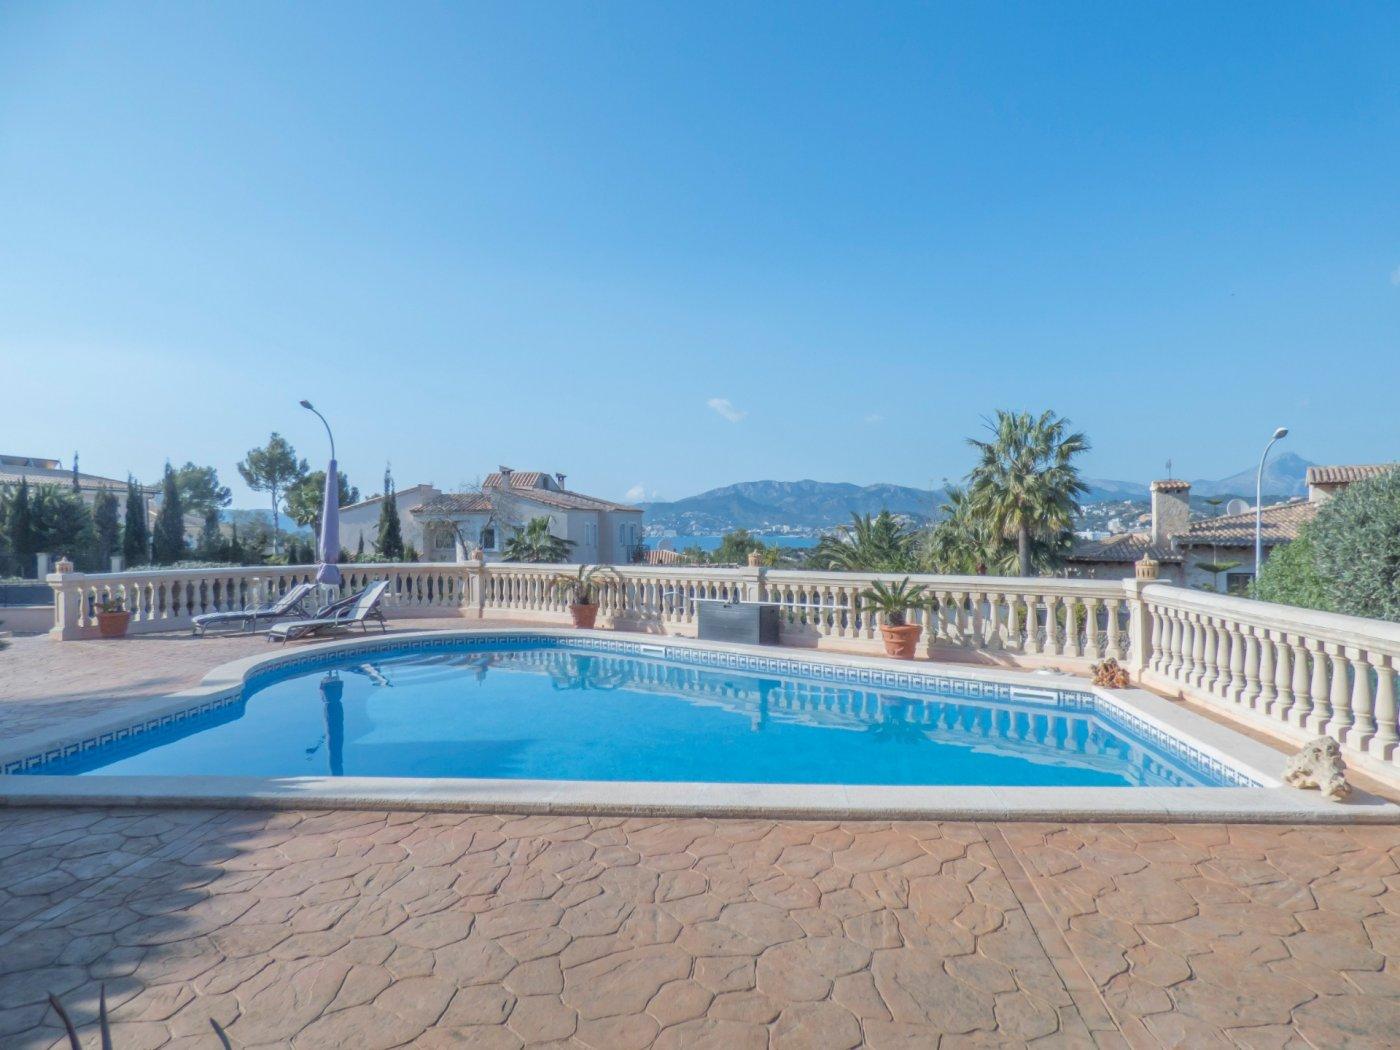 Villa for sale in Santa Ponsa, Calvia